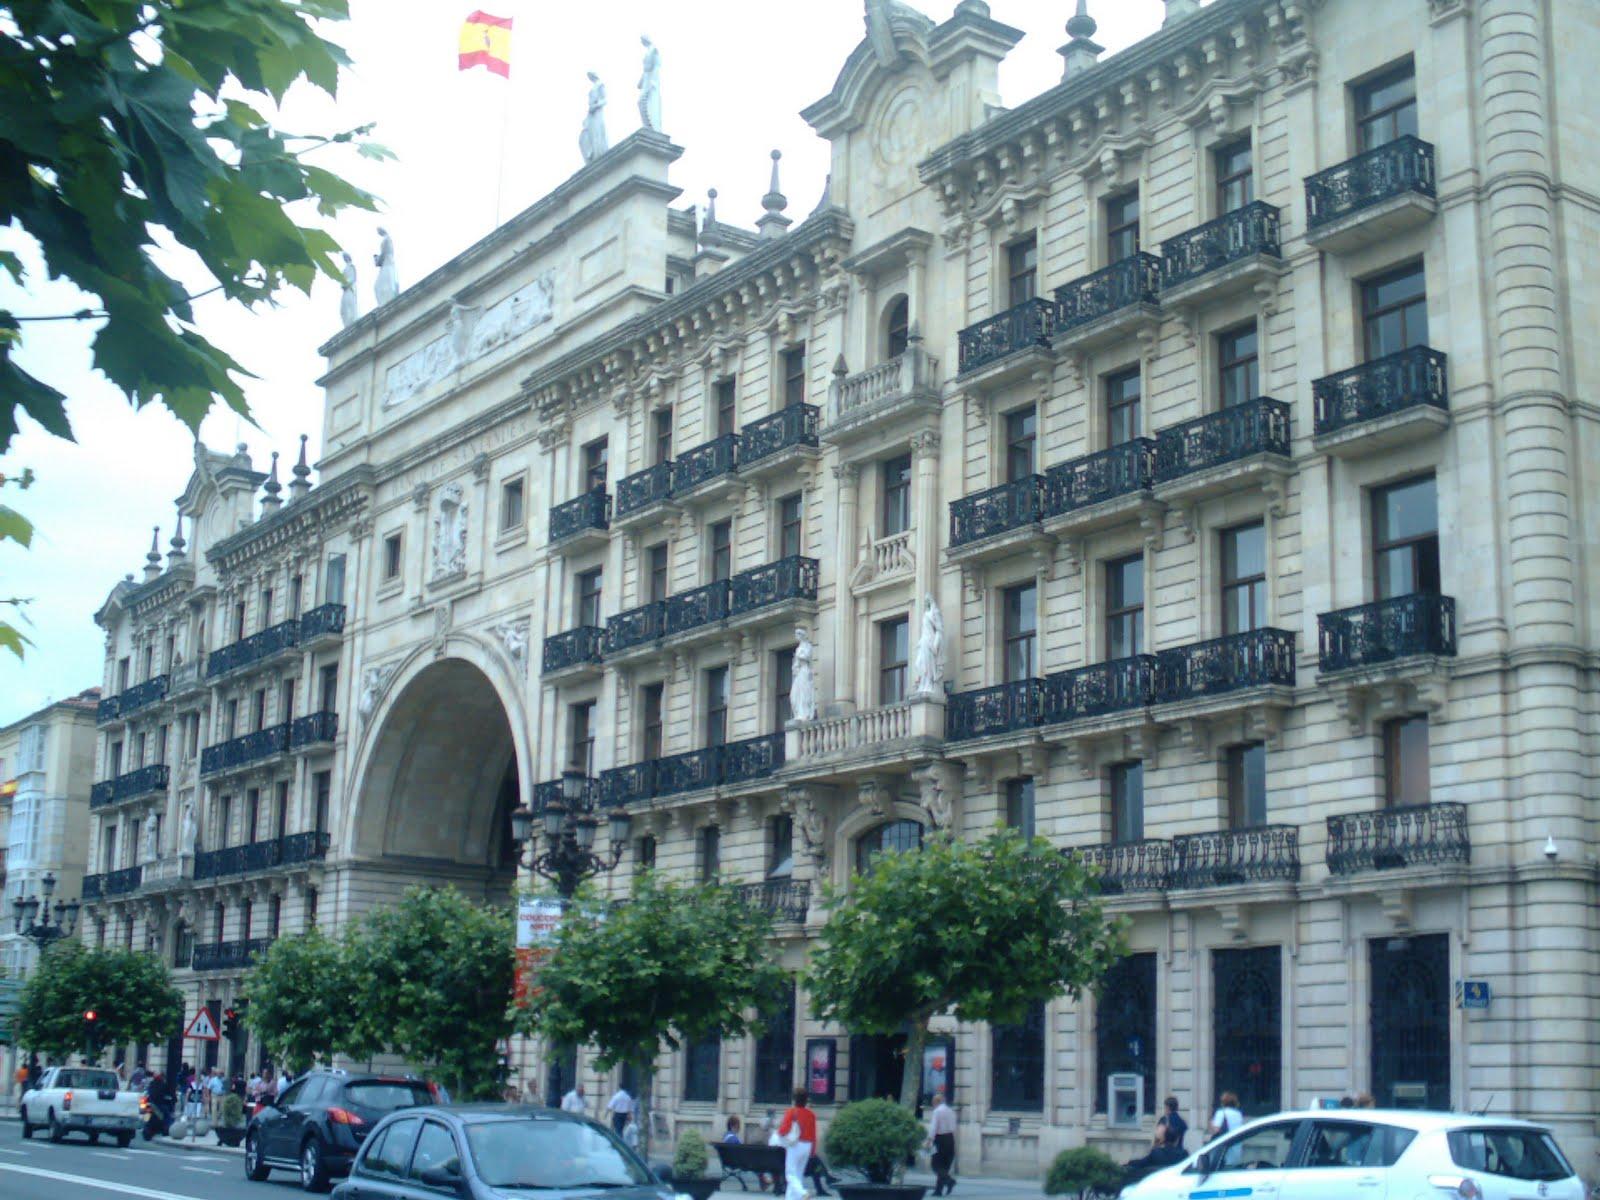 La ciudad habla edificio banco de santander - Casas de banco santander ...